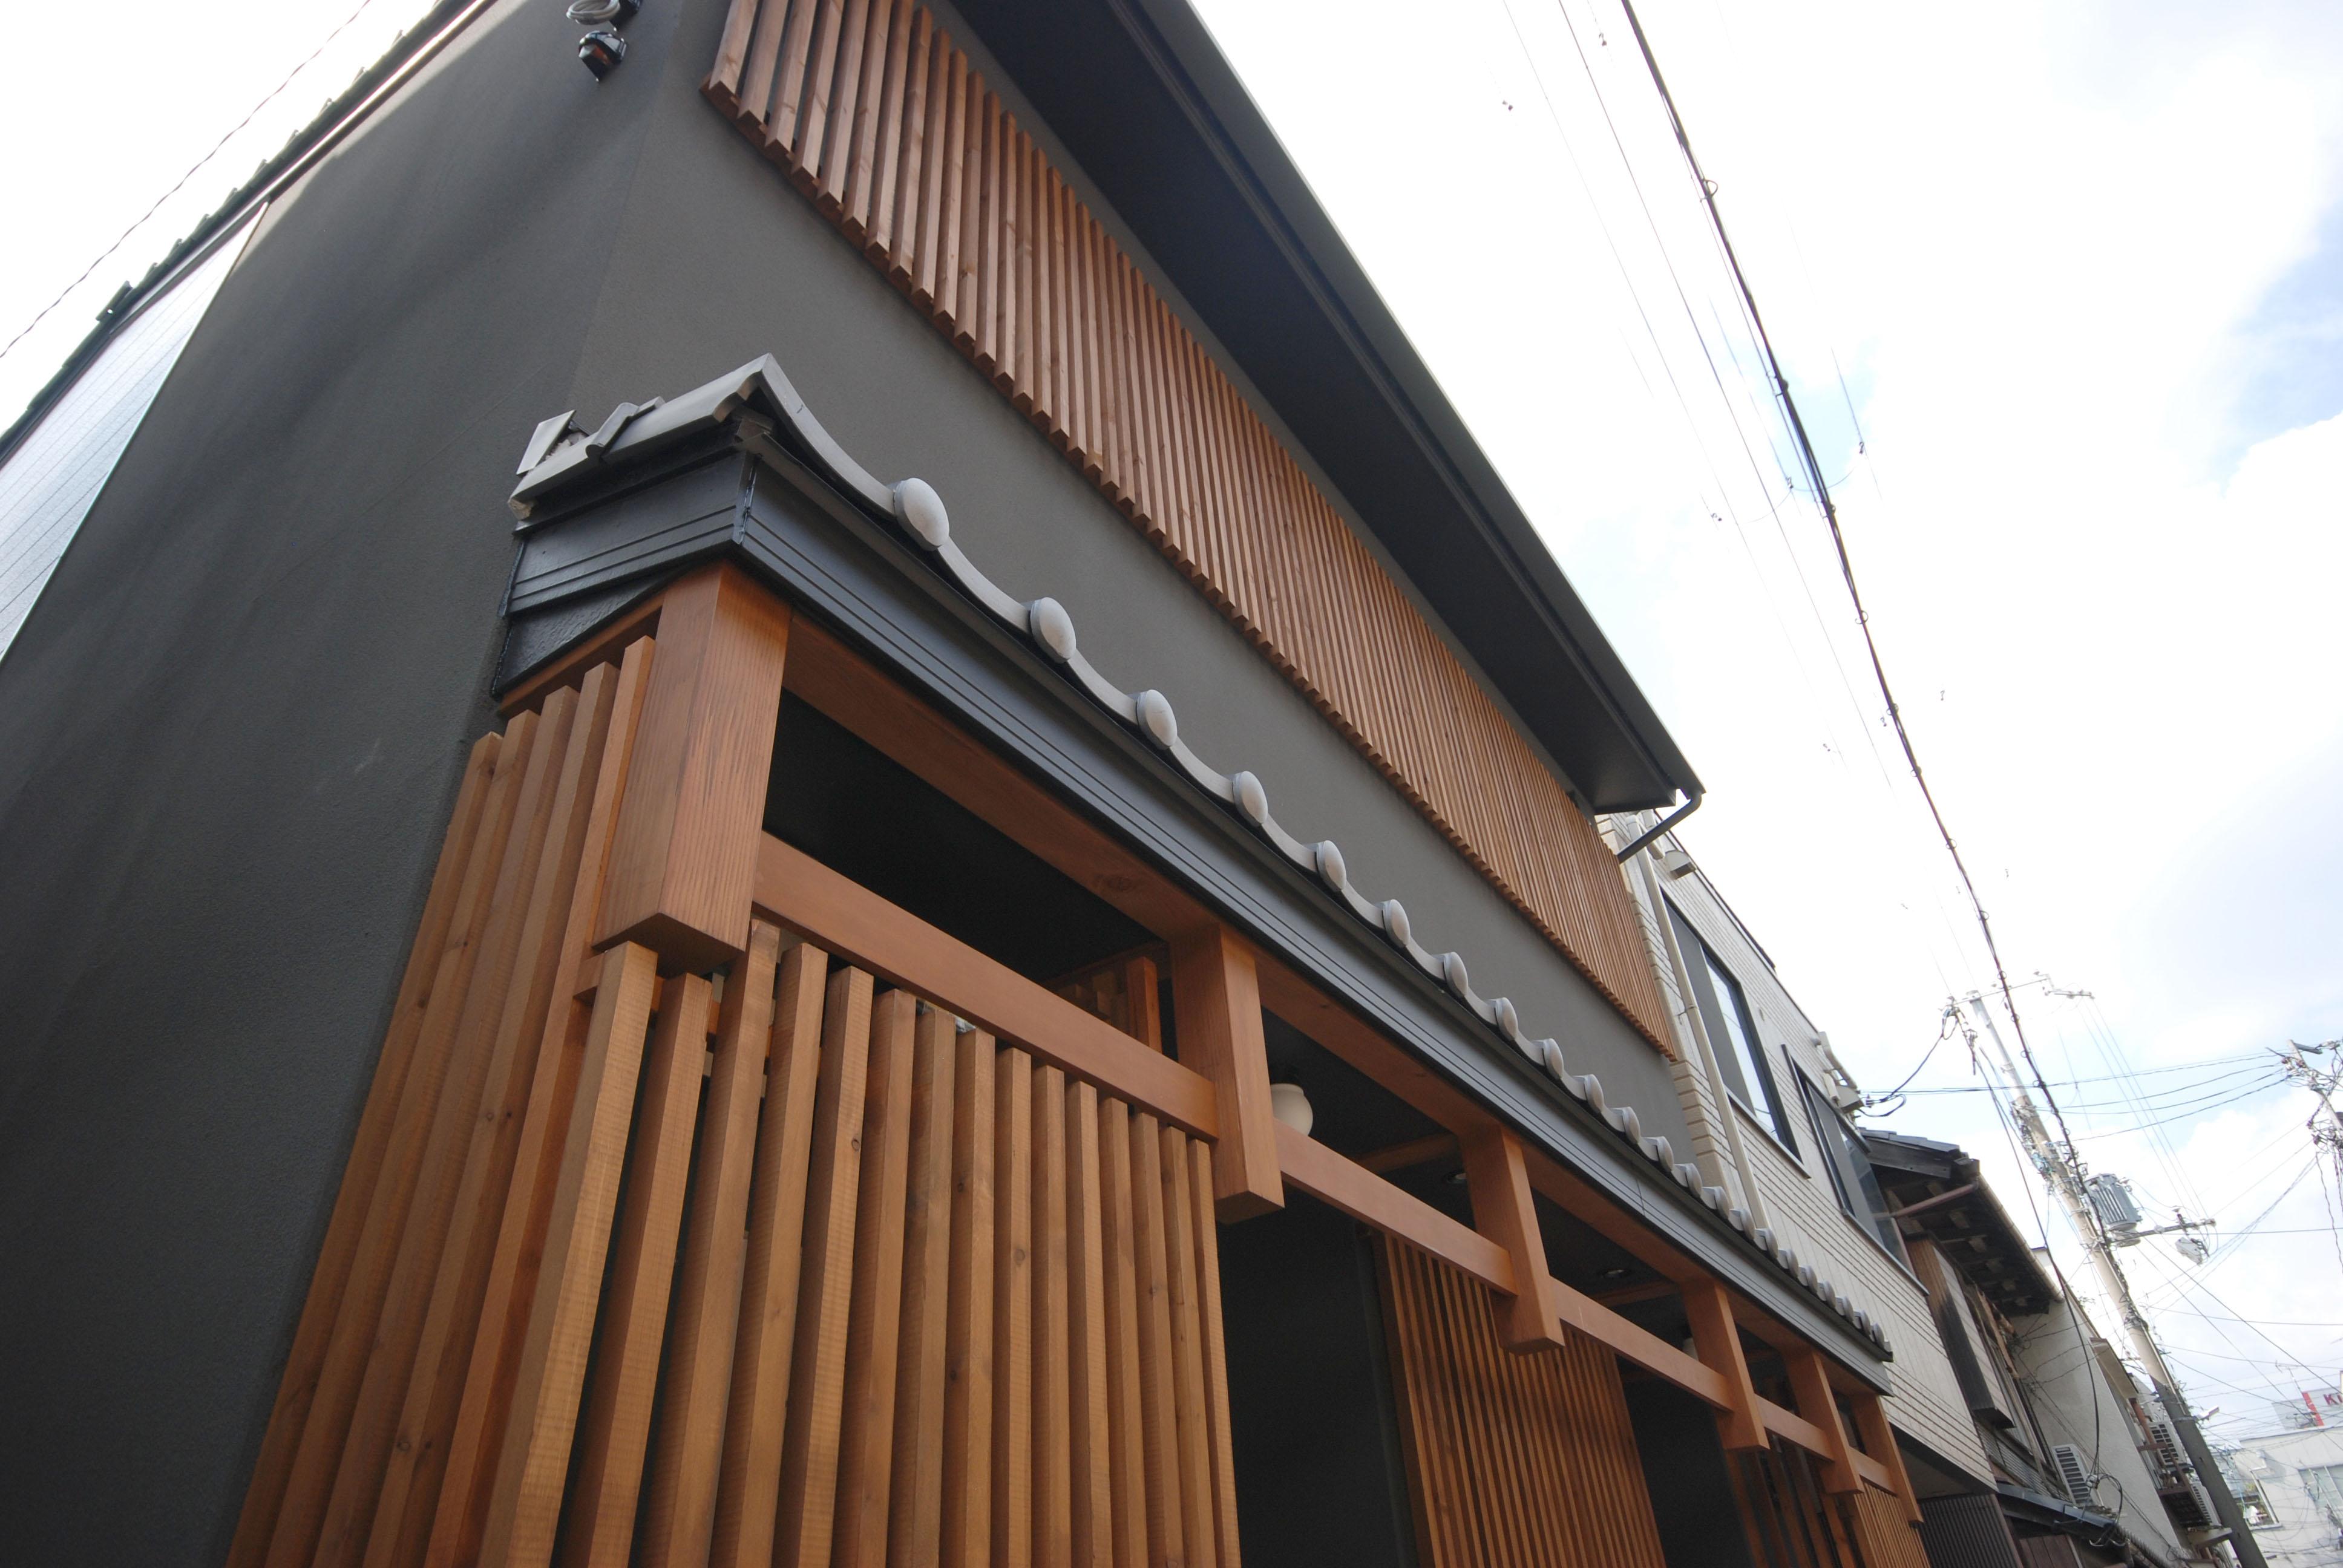 不動産仲介業者が京都でホテル開発、インバウンド向け町家風の一棟貸し2棟が完成